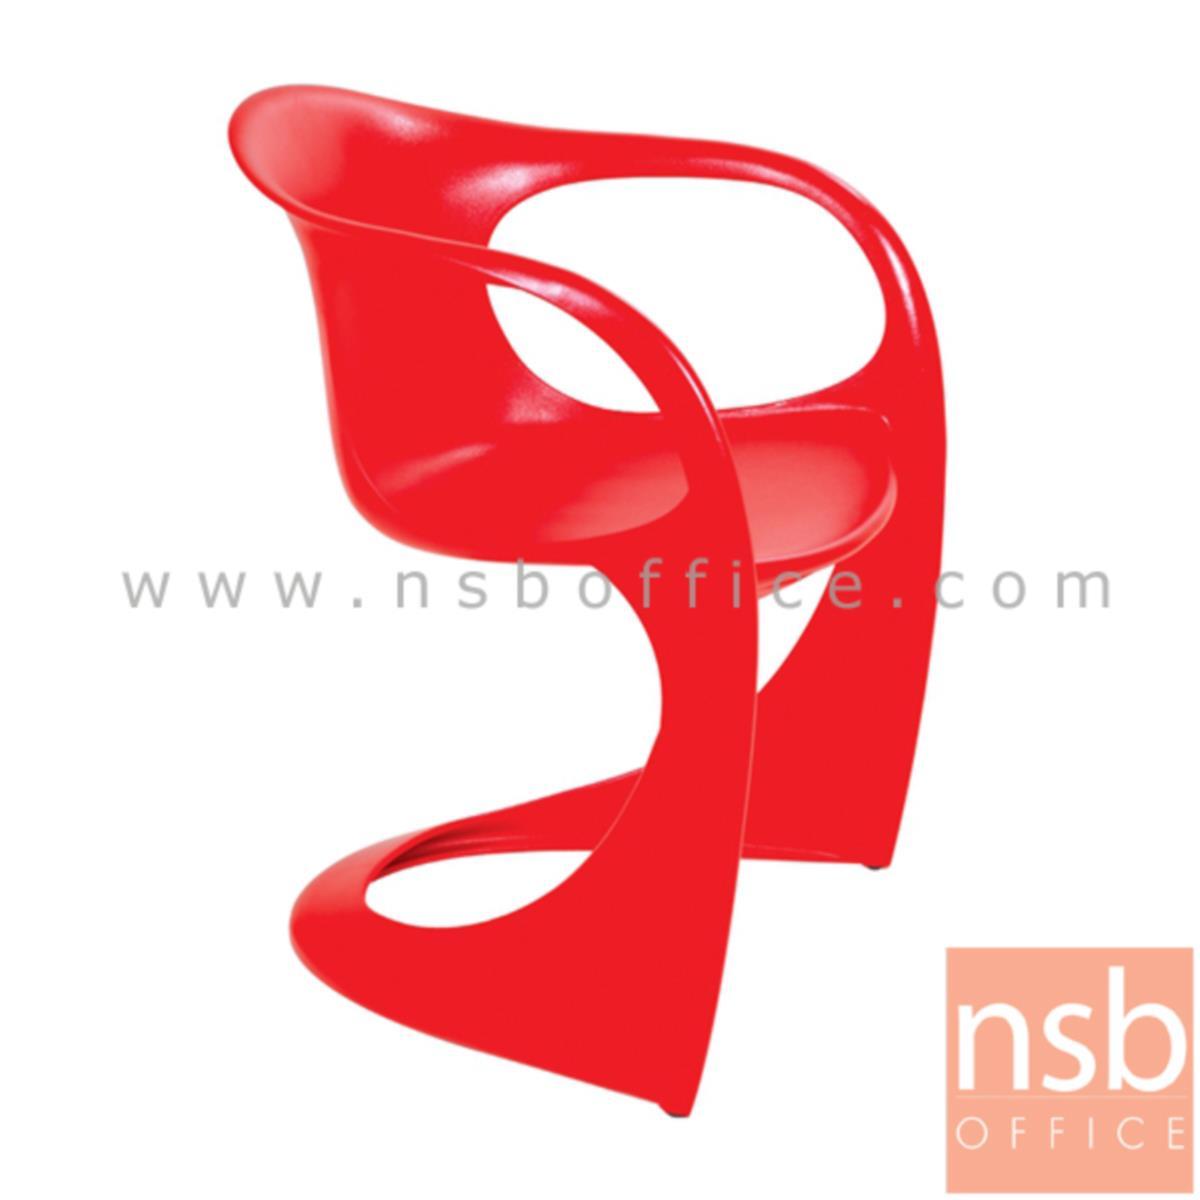 เก้าอี้โมเดิร์นพลาสติก(ABS) รุ่น PP9098 ขนาด 57W cm.